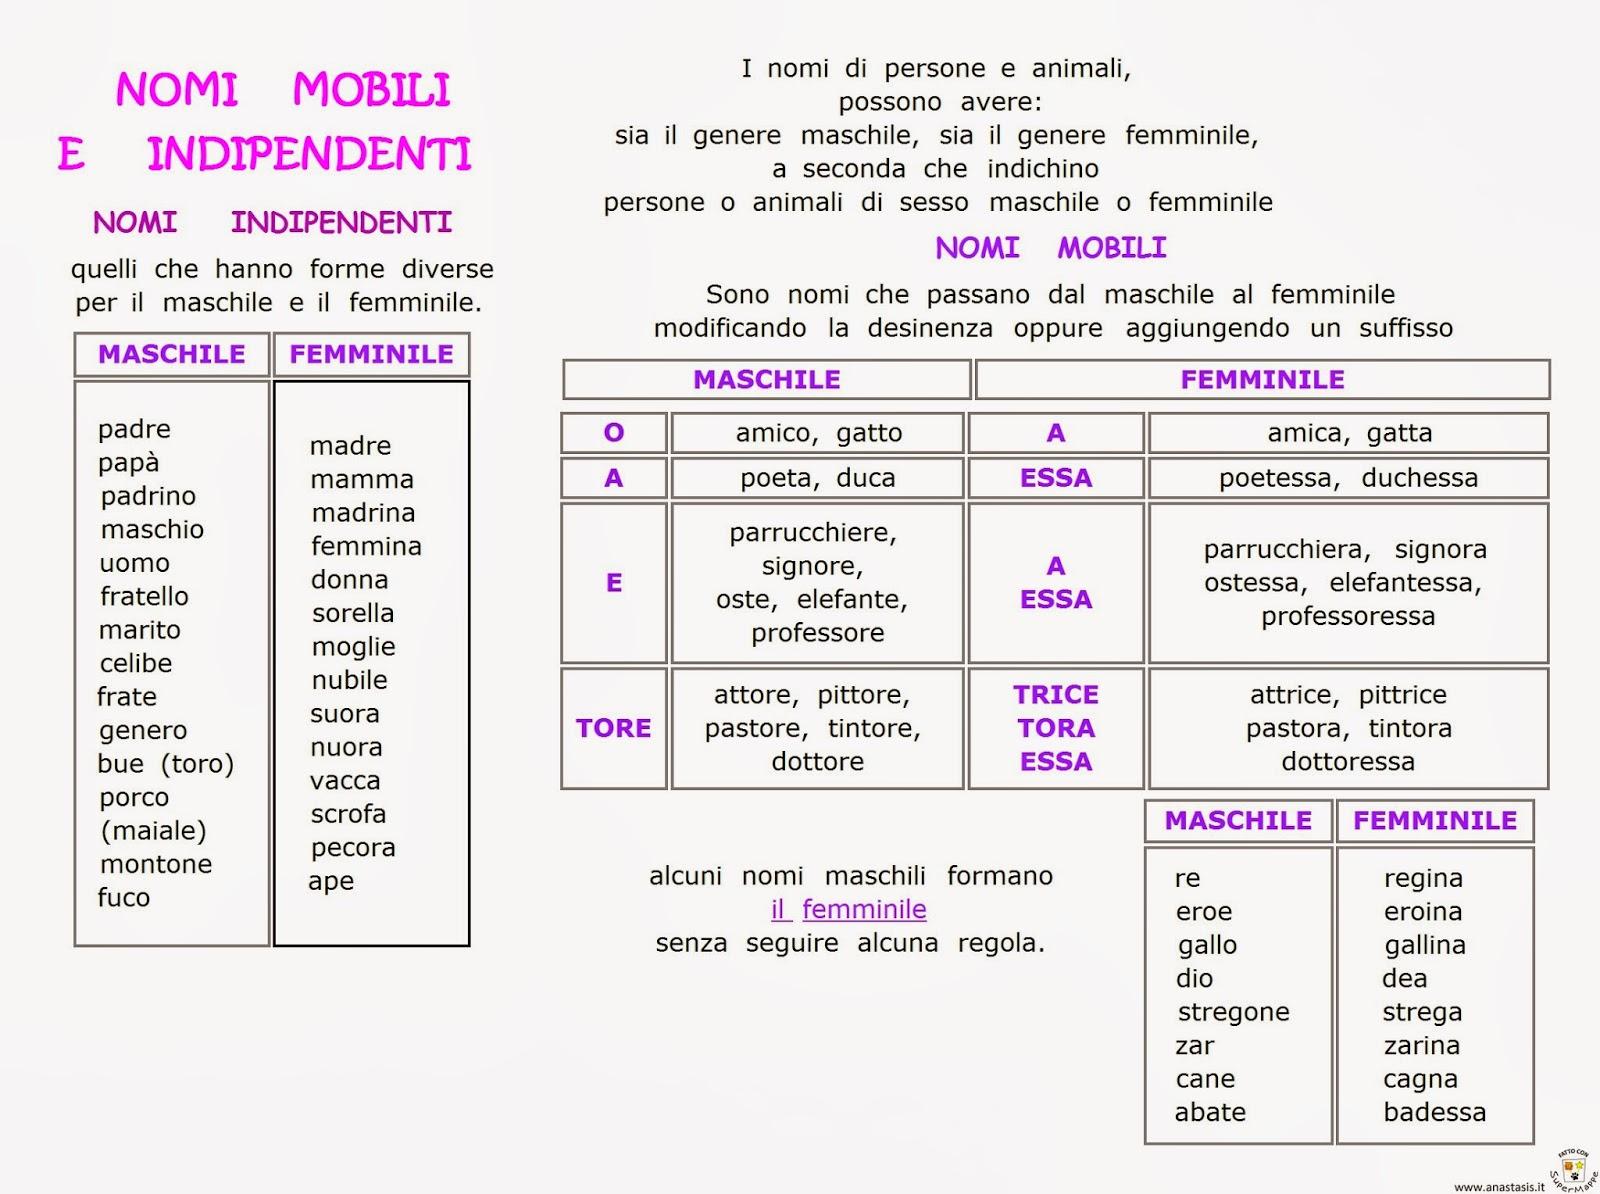 paradiso delle mappe nomi mobili e indipendenti